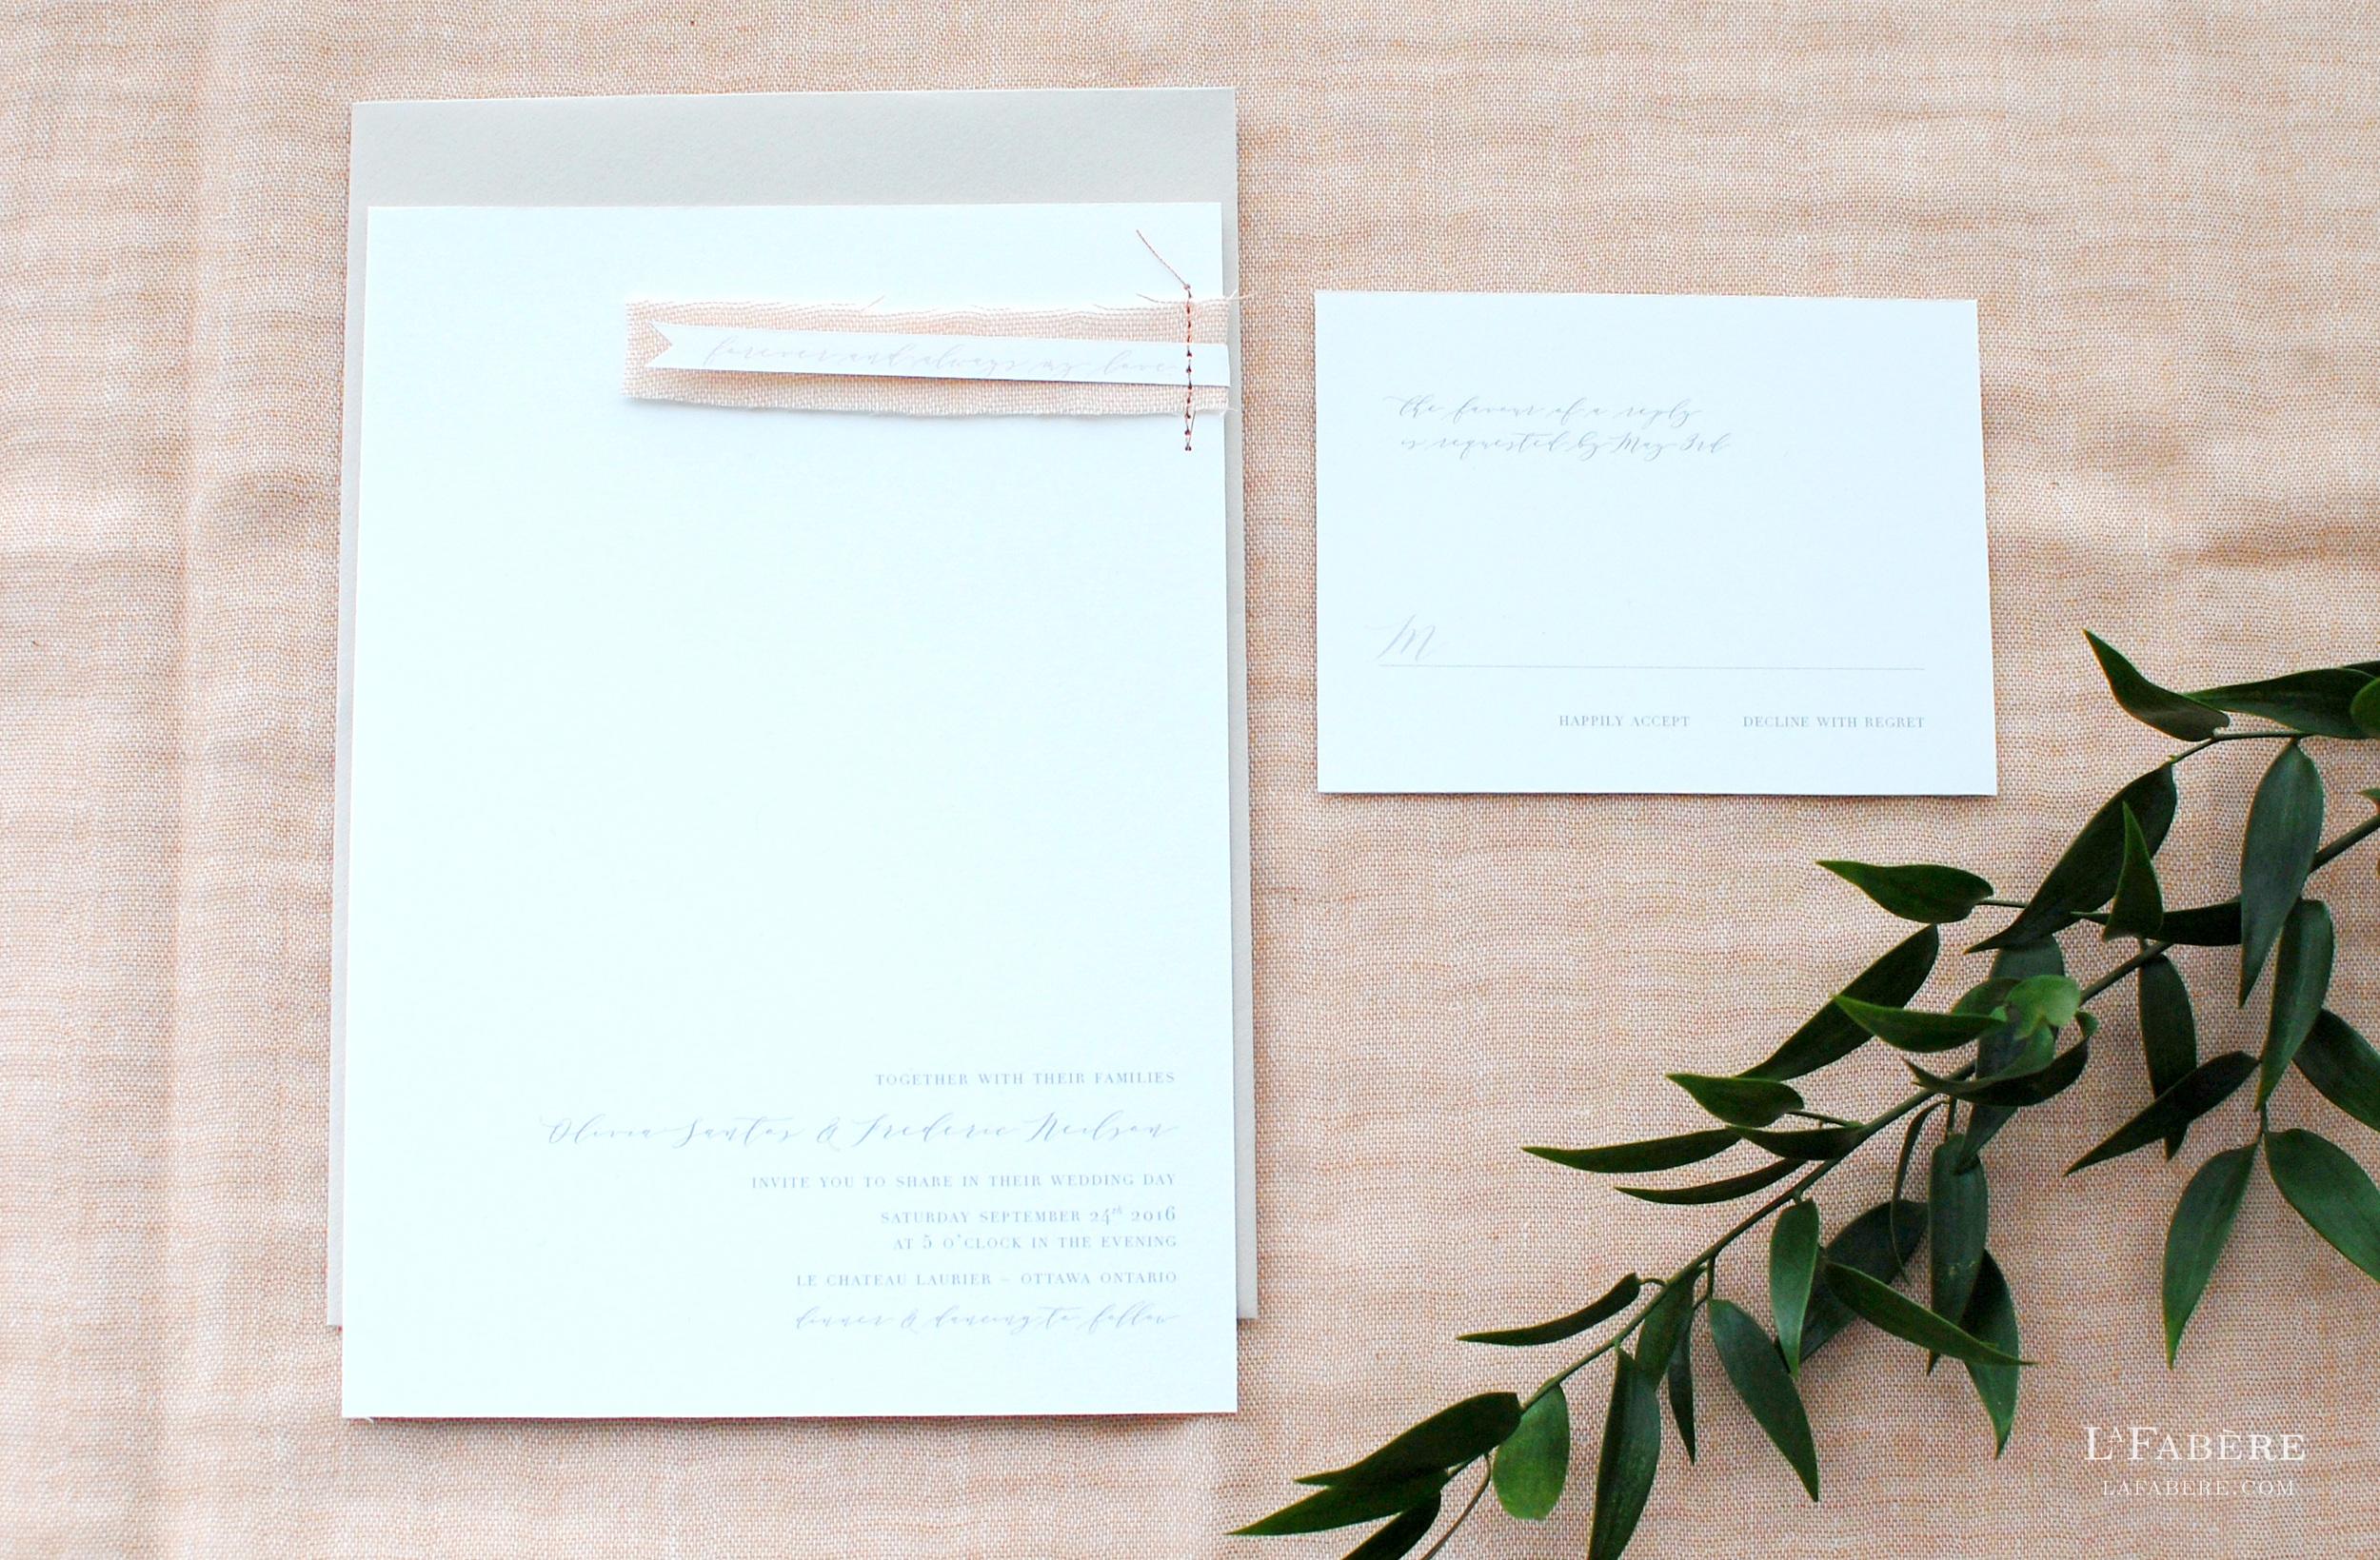 Ottawa wedding invitation designer LaFabère. lafabere.com